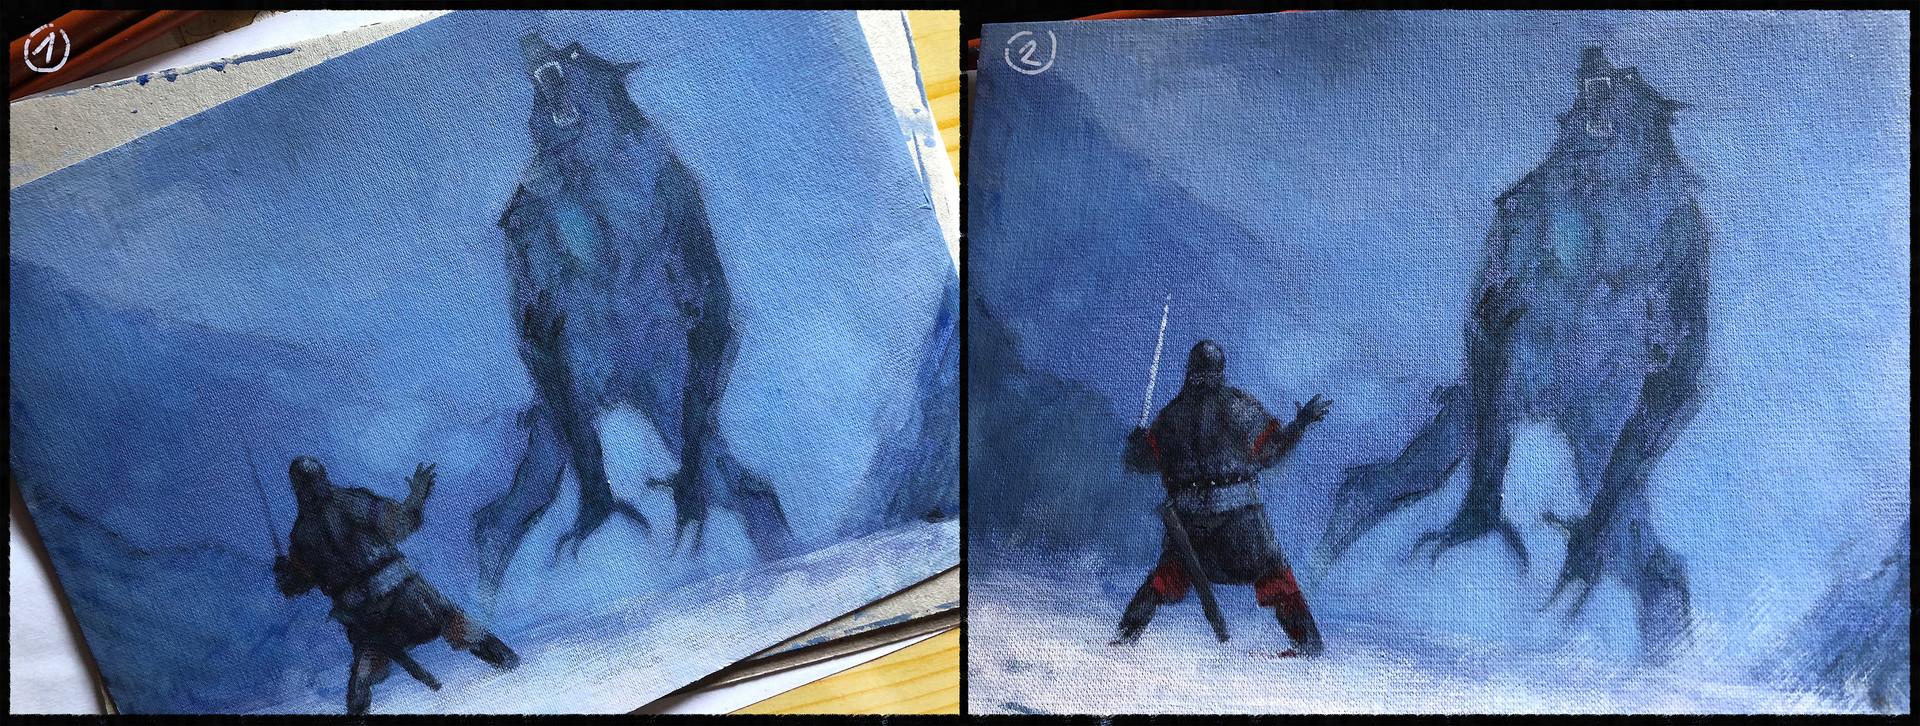 Jakub rozalski wolff proces01